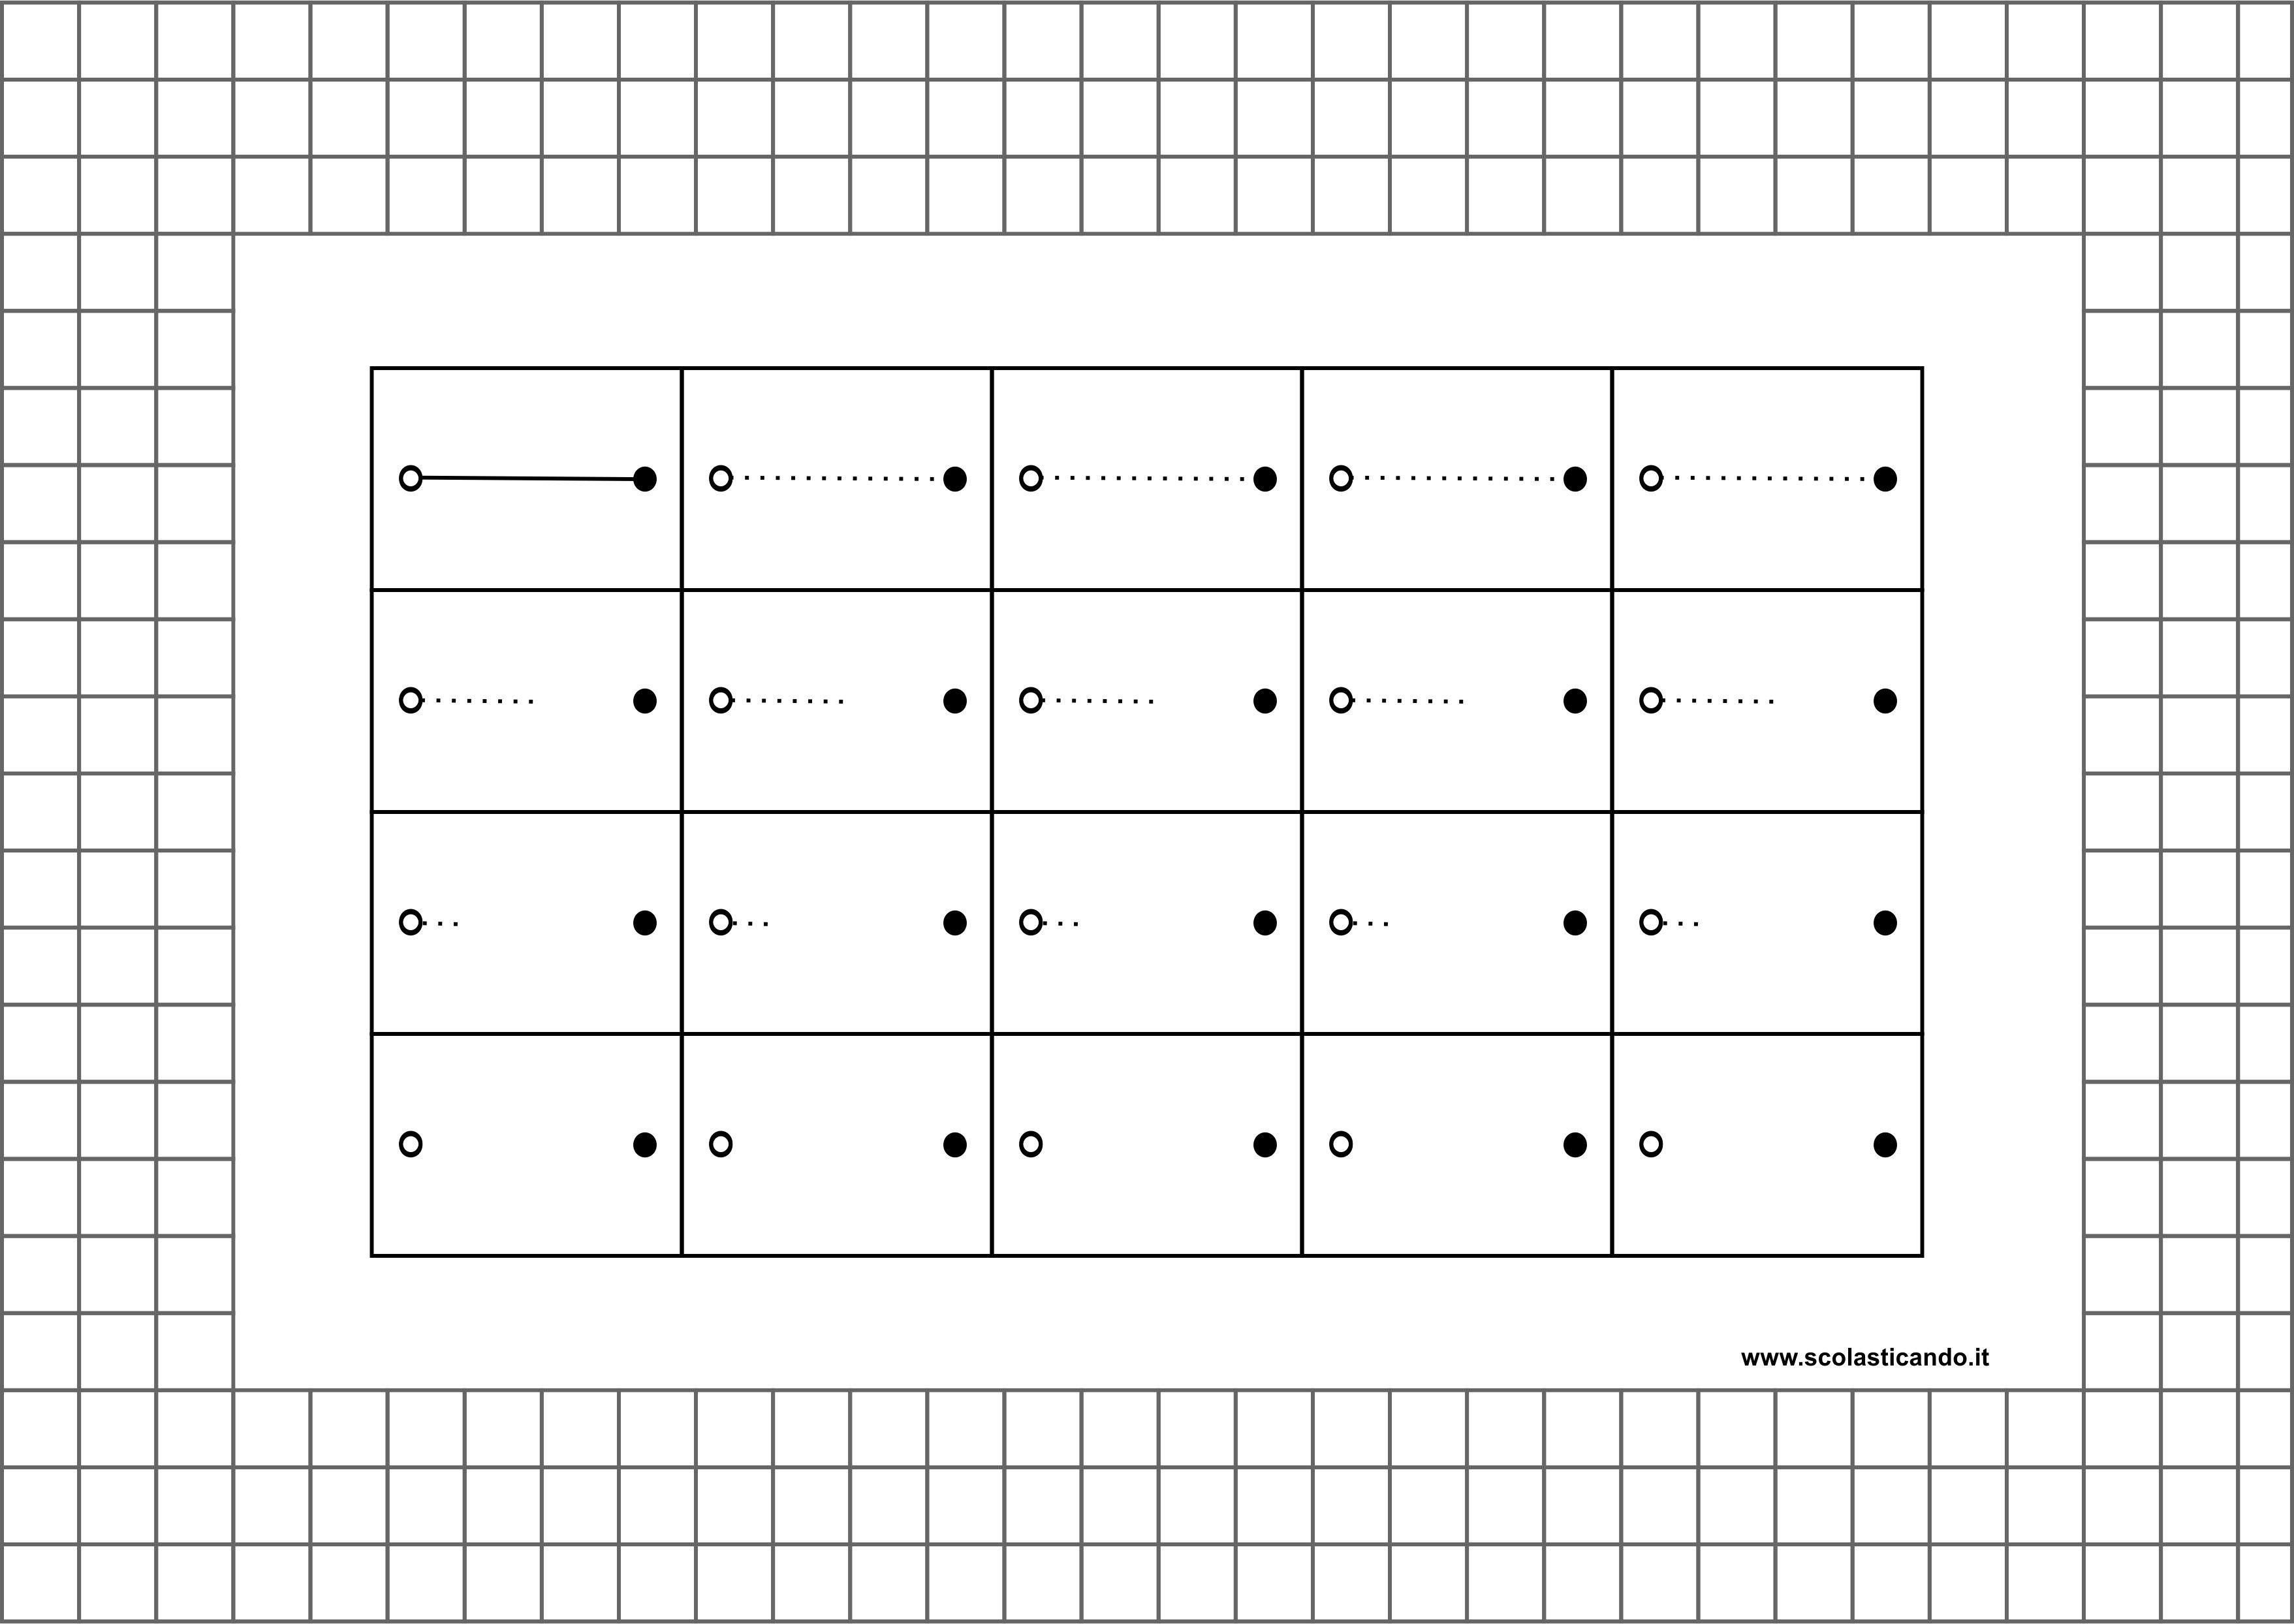 Preferenza Frostig: esercizi di coordinazione visuomotoria, schede 24 - 27 EN03